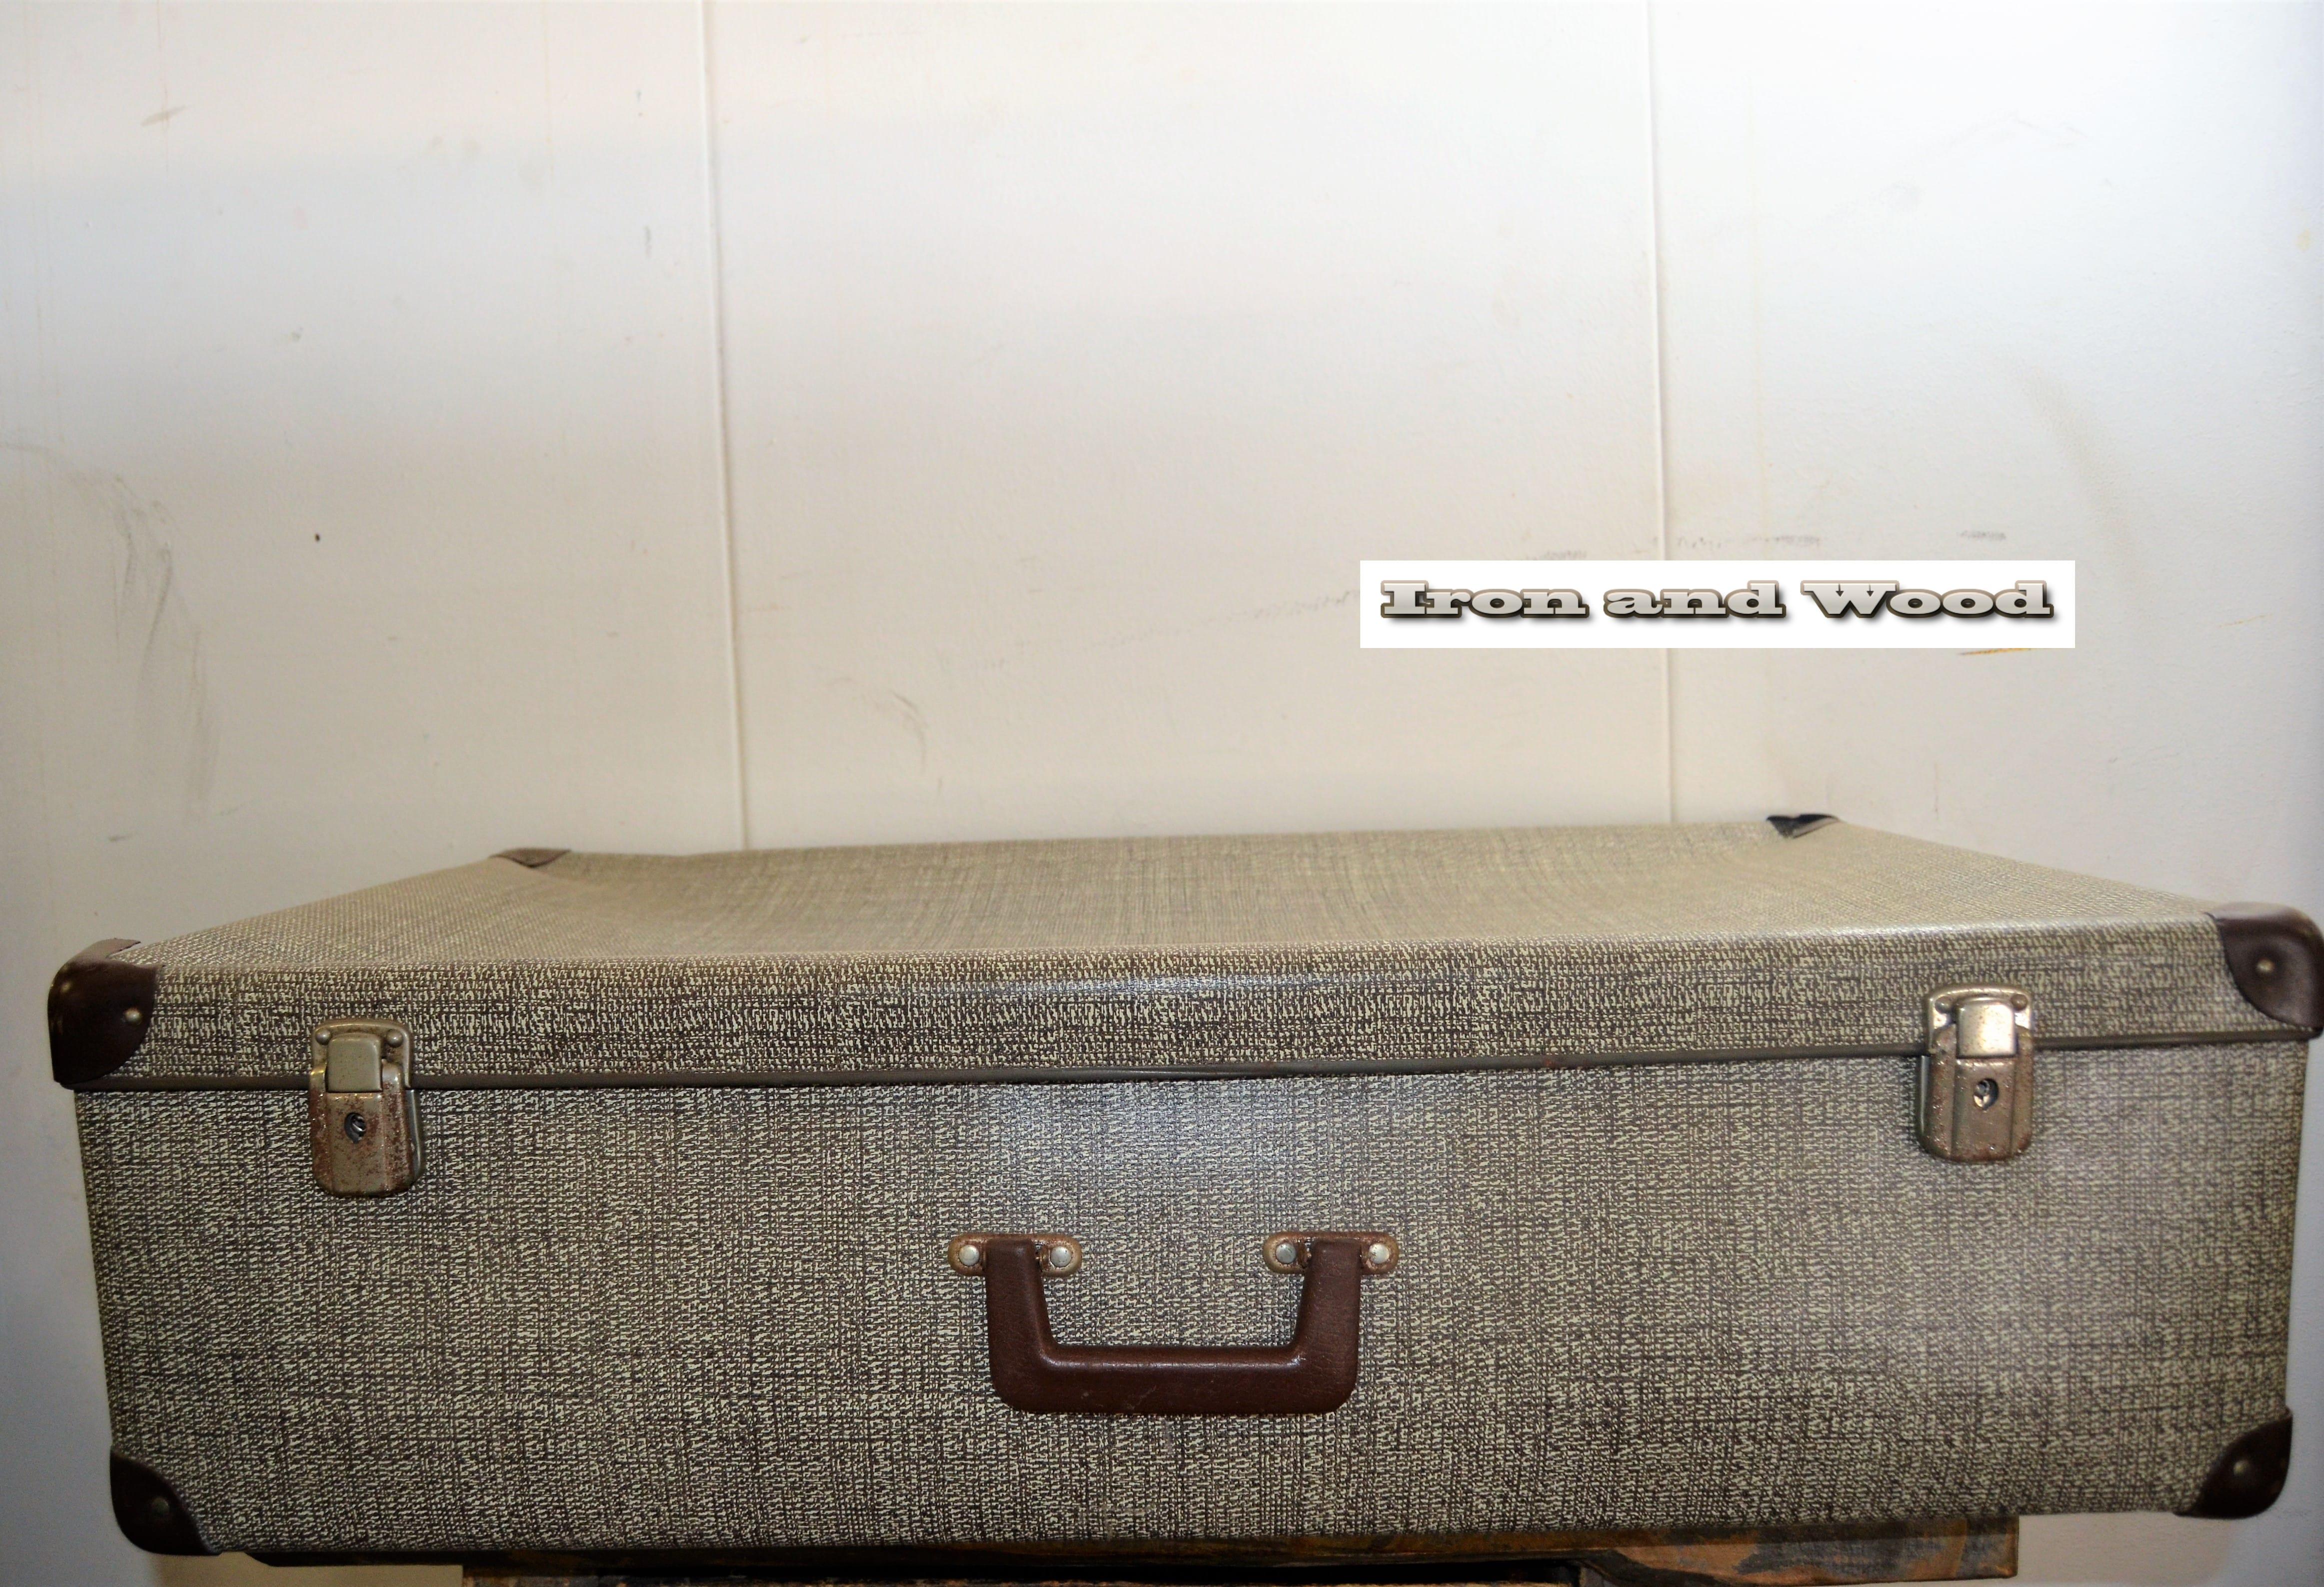 koffer beige grijs gemeleerd 75x43x21 5